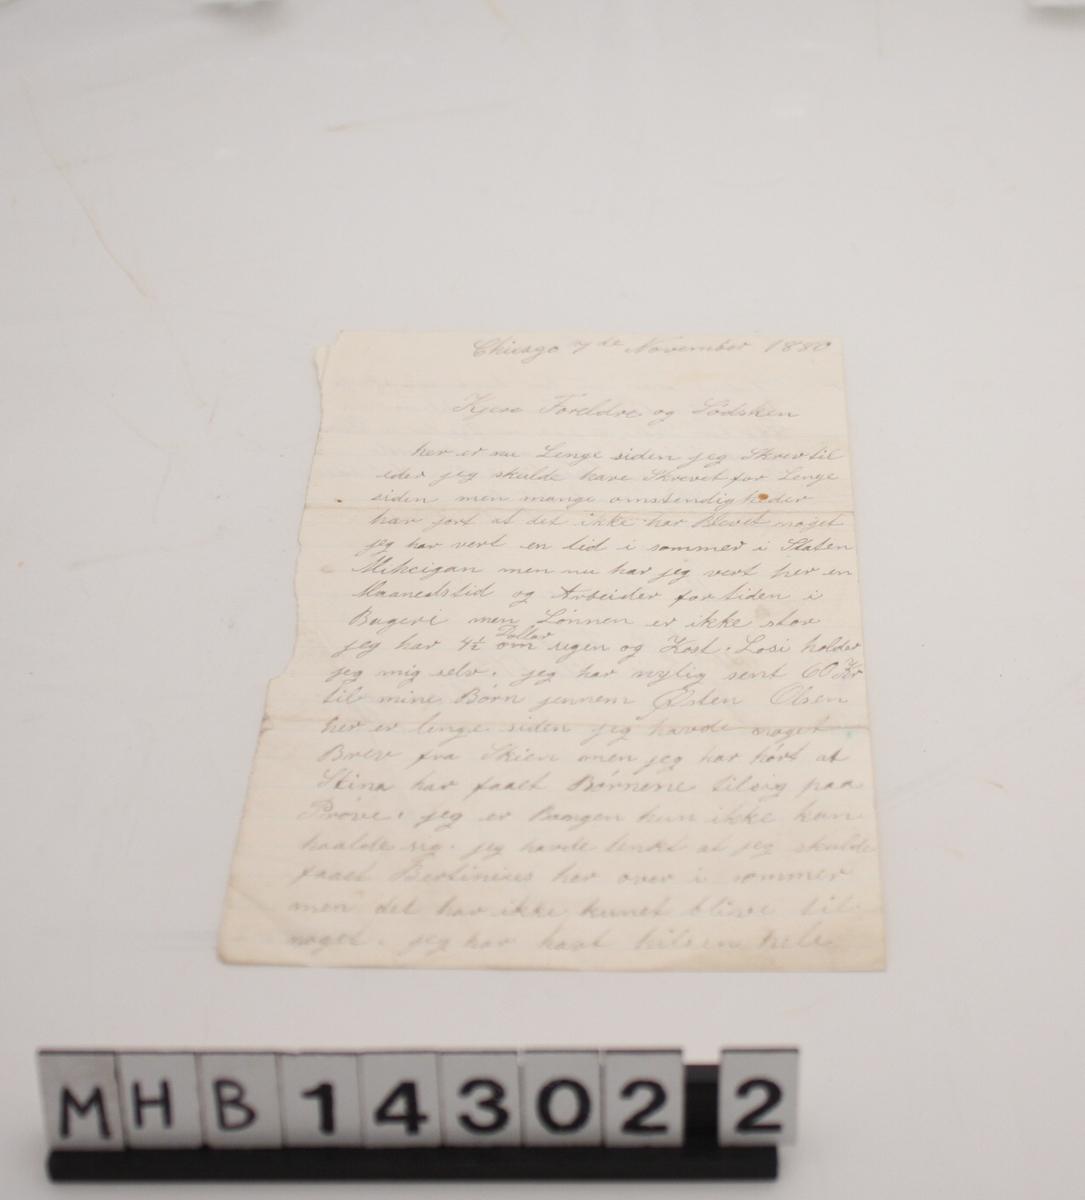 Brev til foreldre og søsken fra B. B. Førde i Amerika , skrevet på A5 ark med horisontale striper.